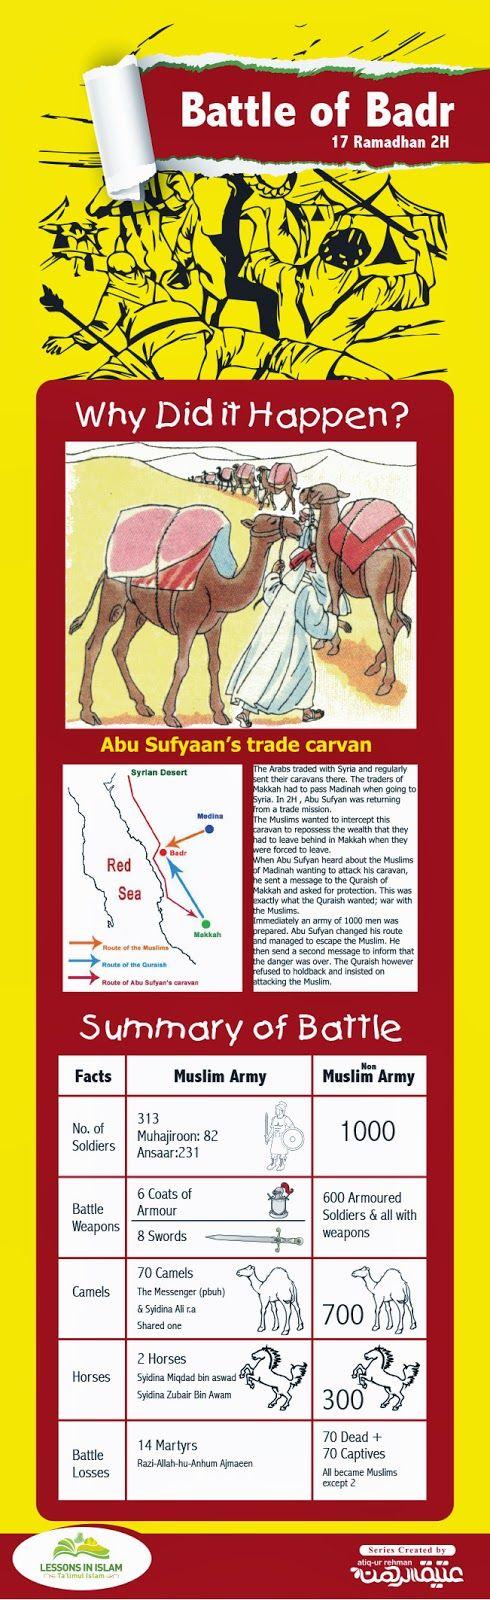 The+Battle+of+Badr+-+Poster.jpg (490×1600)